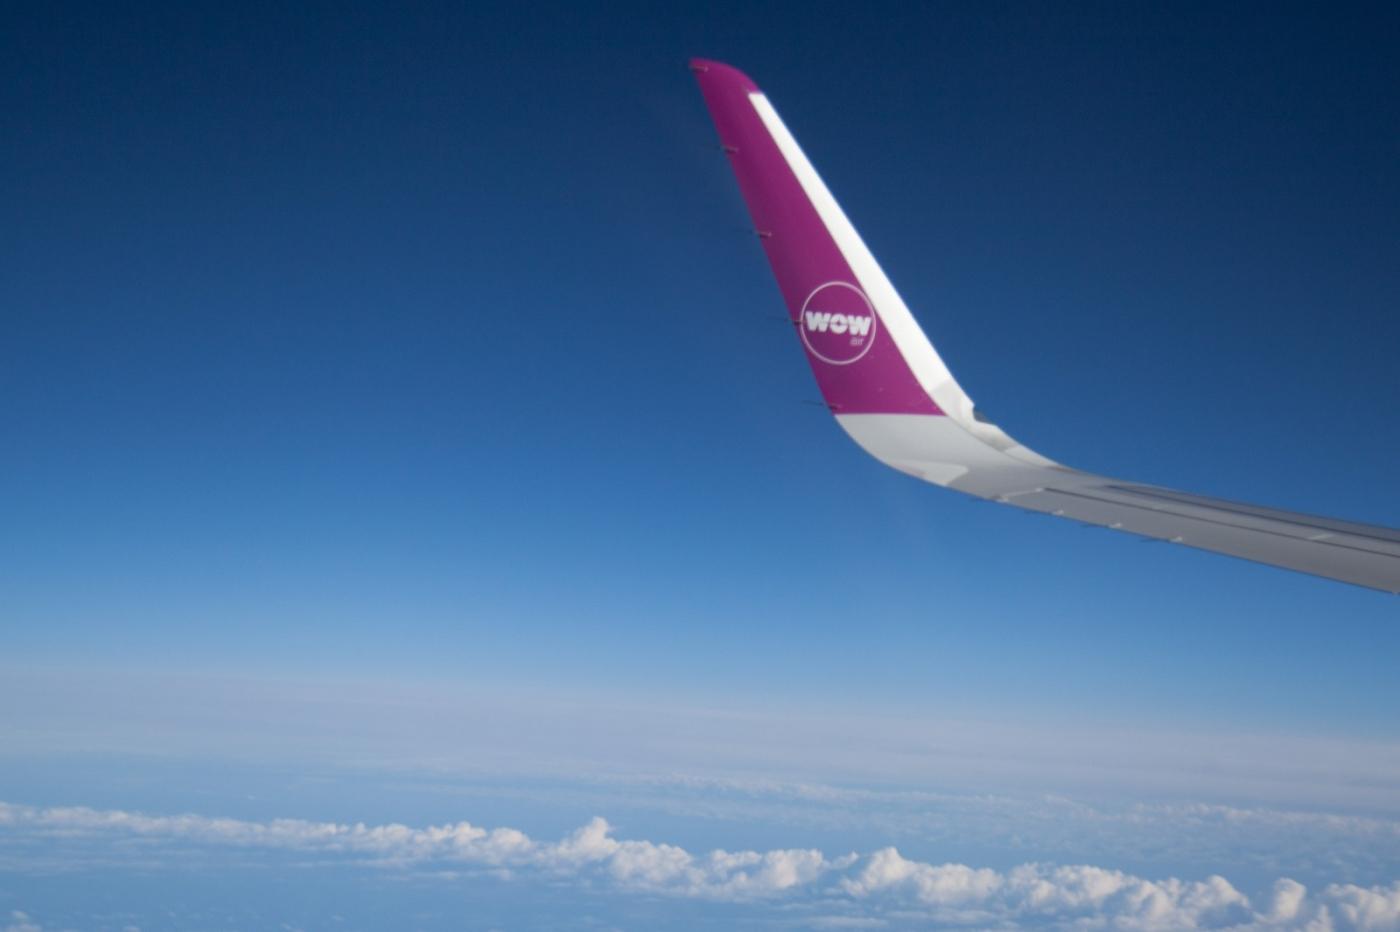 从纽约乘wow班机赴冰岛旅游,从班机的窗口看到:白云翻滚,赏心悦目,堪比黄山之云海 ..._图1-9